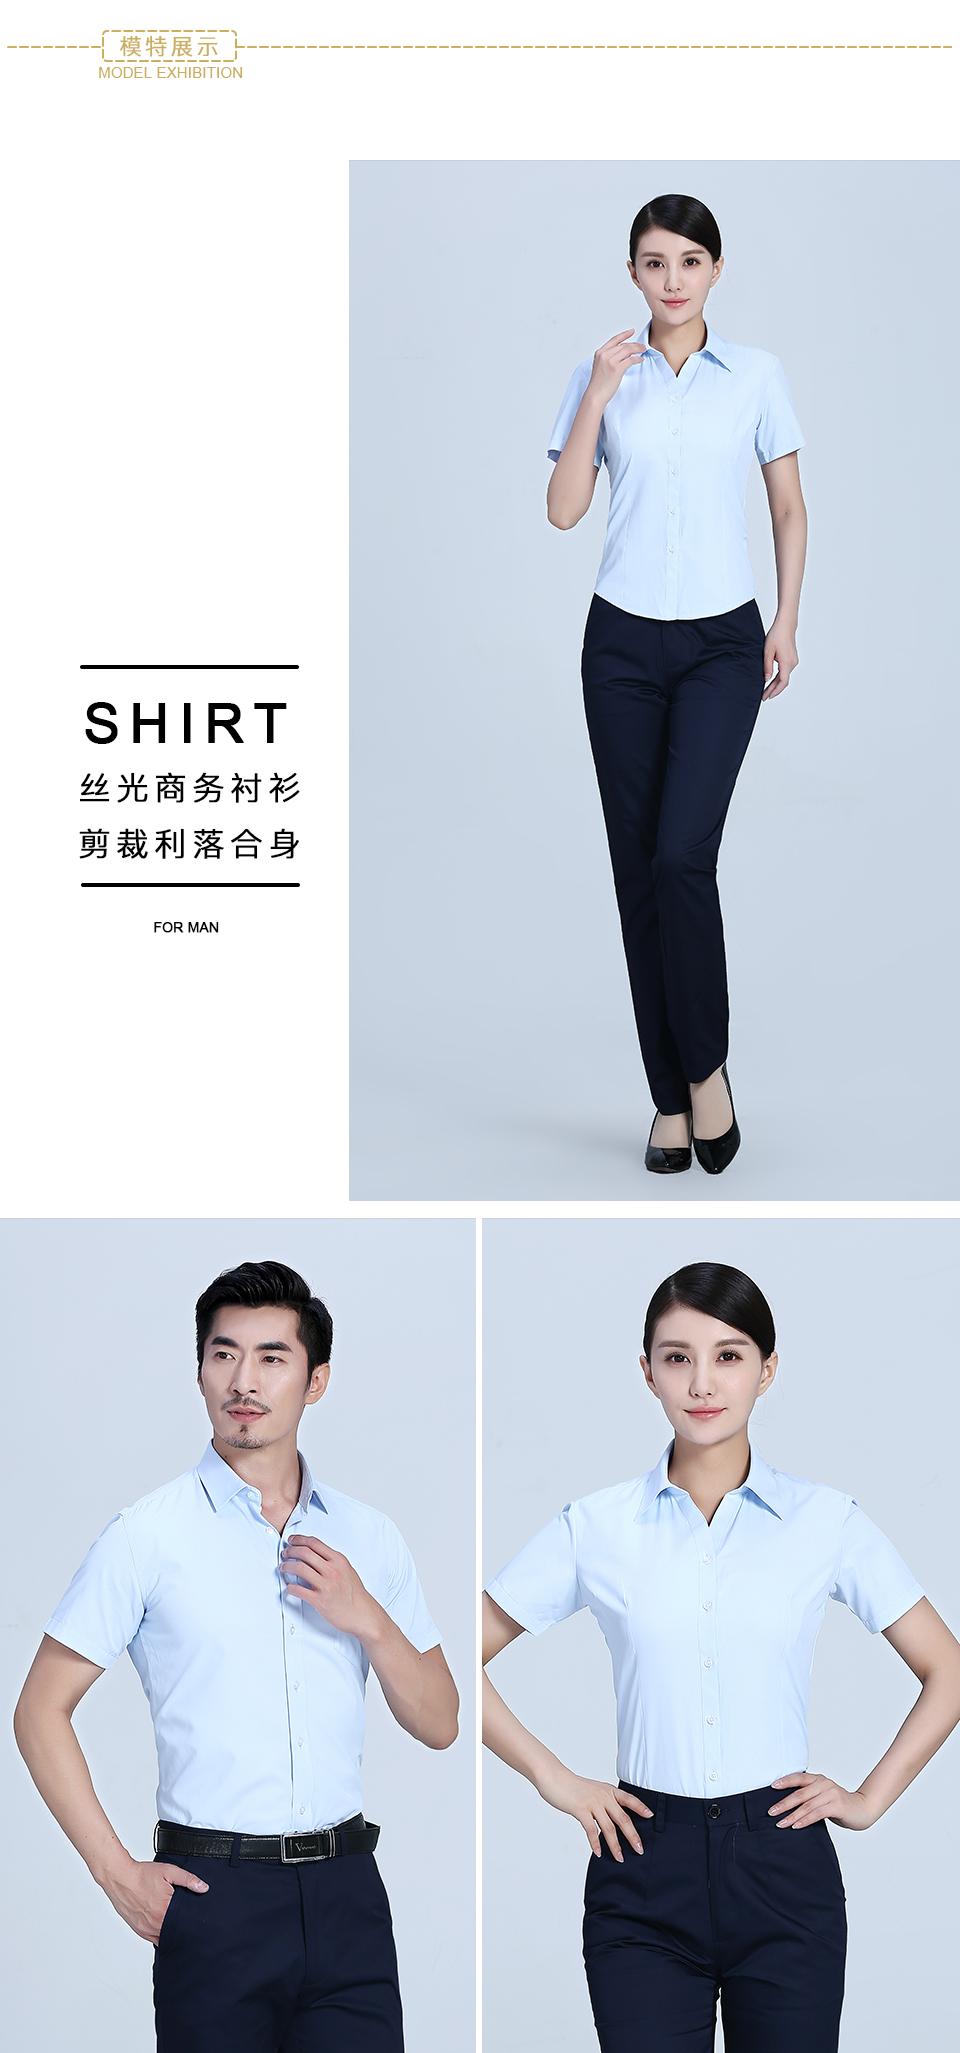 新款衬衫浅蓝男浅蓝商务短袖衬衫